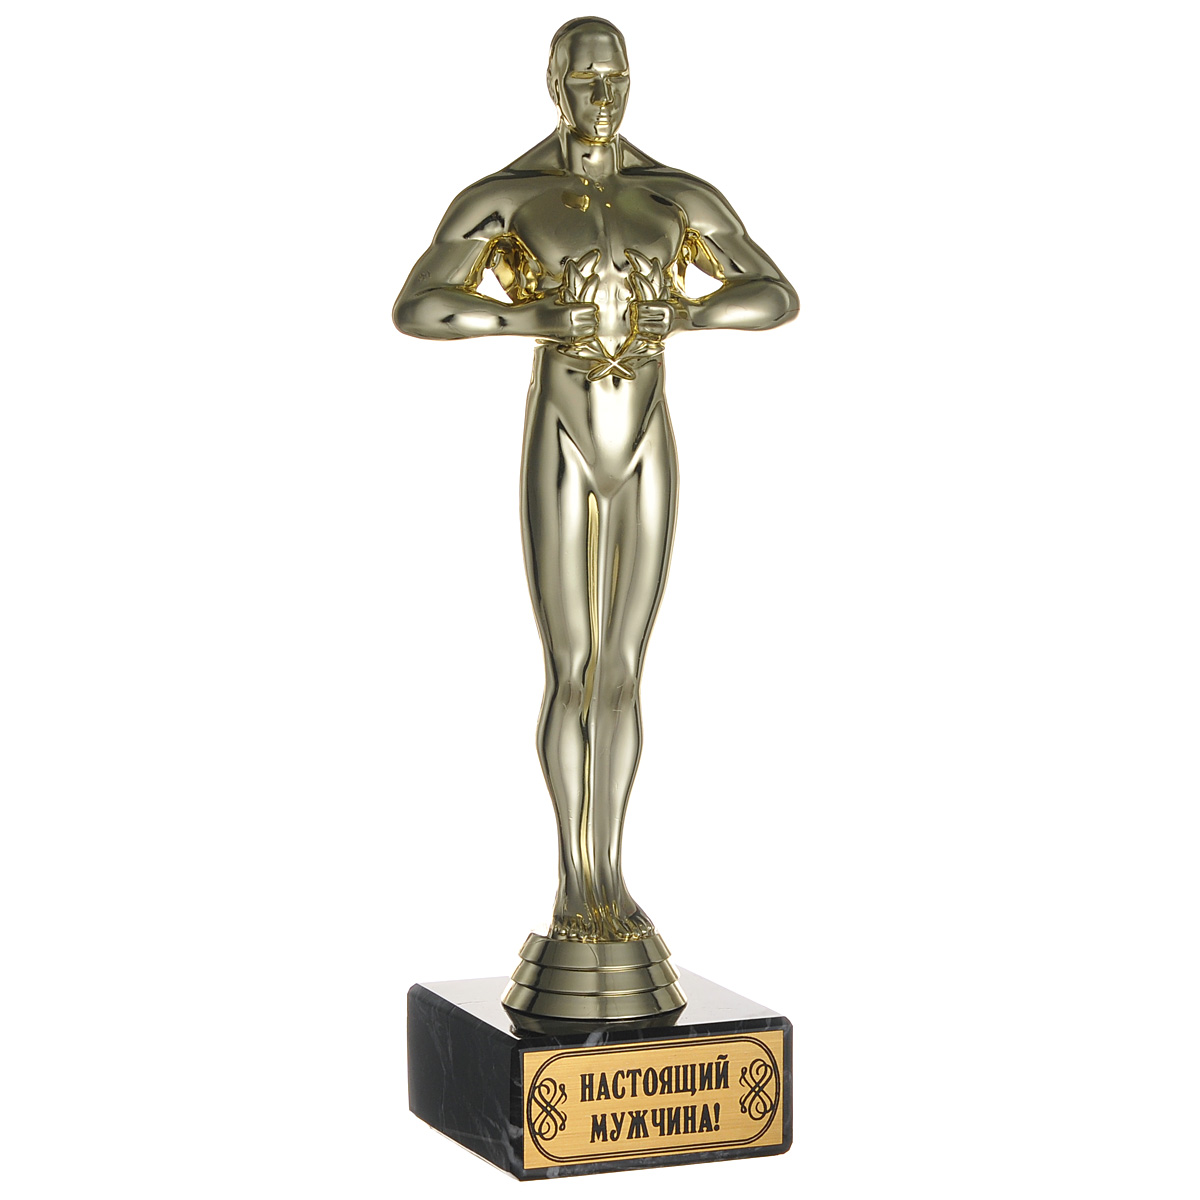 Кубок Оскар. Настоящий мужчина!, высота 24 смV4140/1SКубок Оскар. Настоящий мужчина! станет замечательным сувениром. Кубок выполнен из пластика с золотистым покрытием. Основание изготовлено из искусственного мрамора. Такой кубок обязательно порадует получателя, вызовет улыбку и массу положительных эмоций.